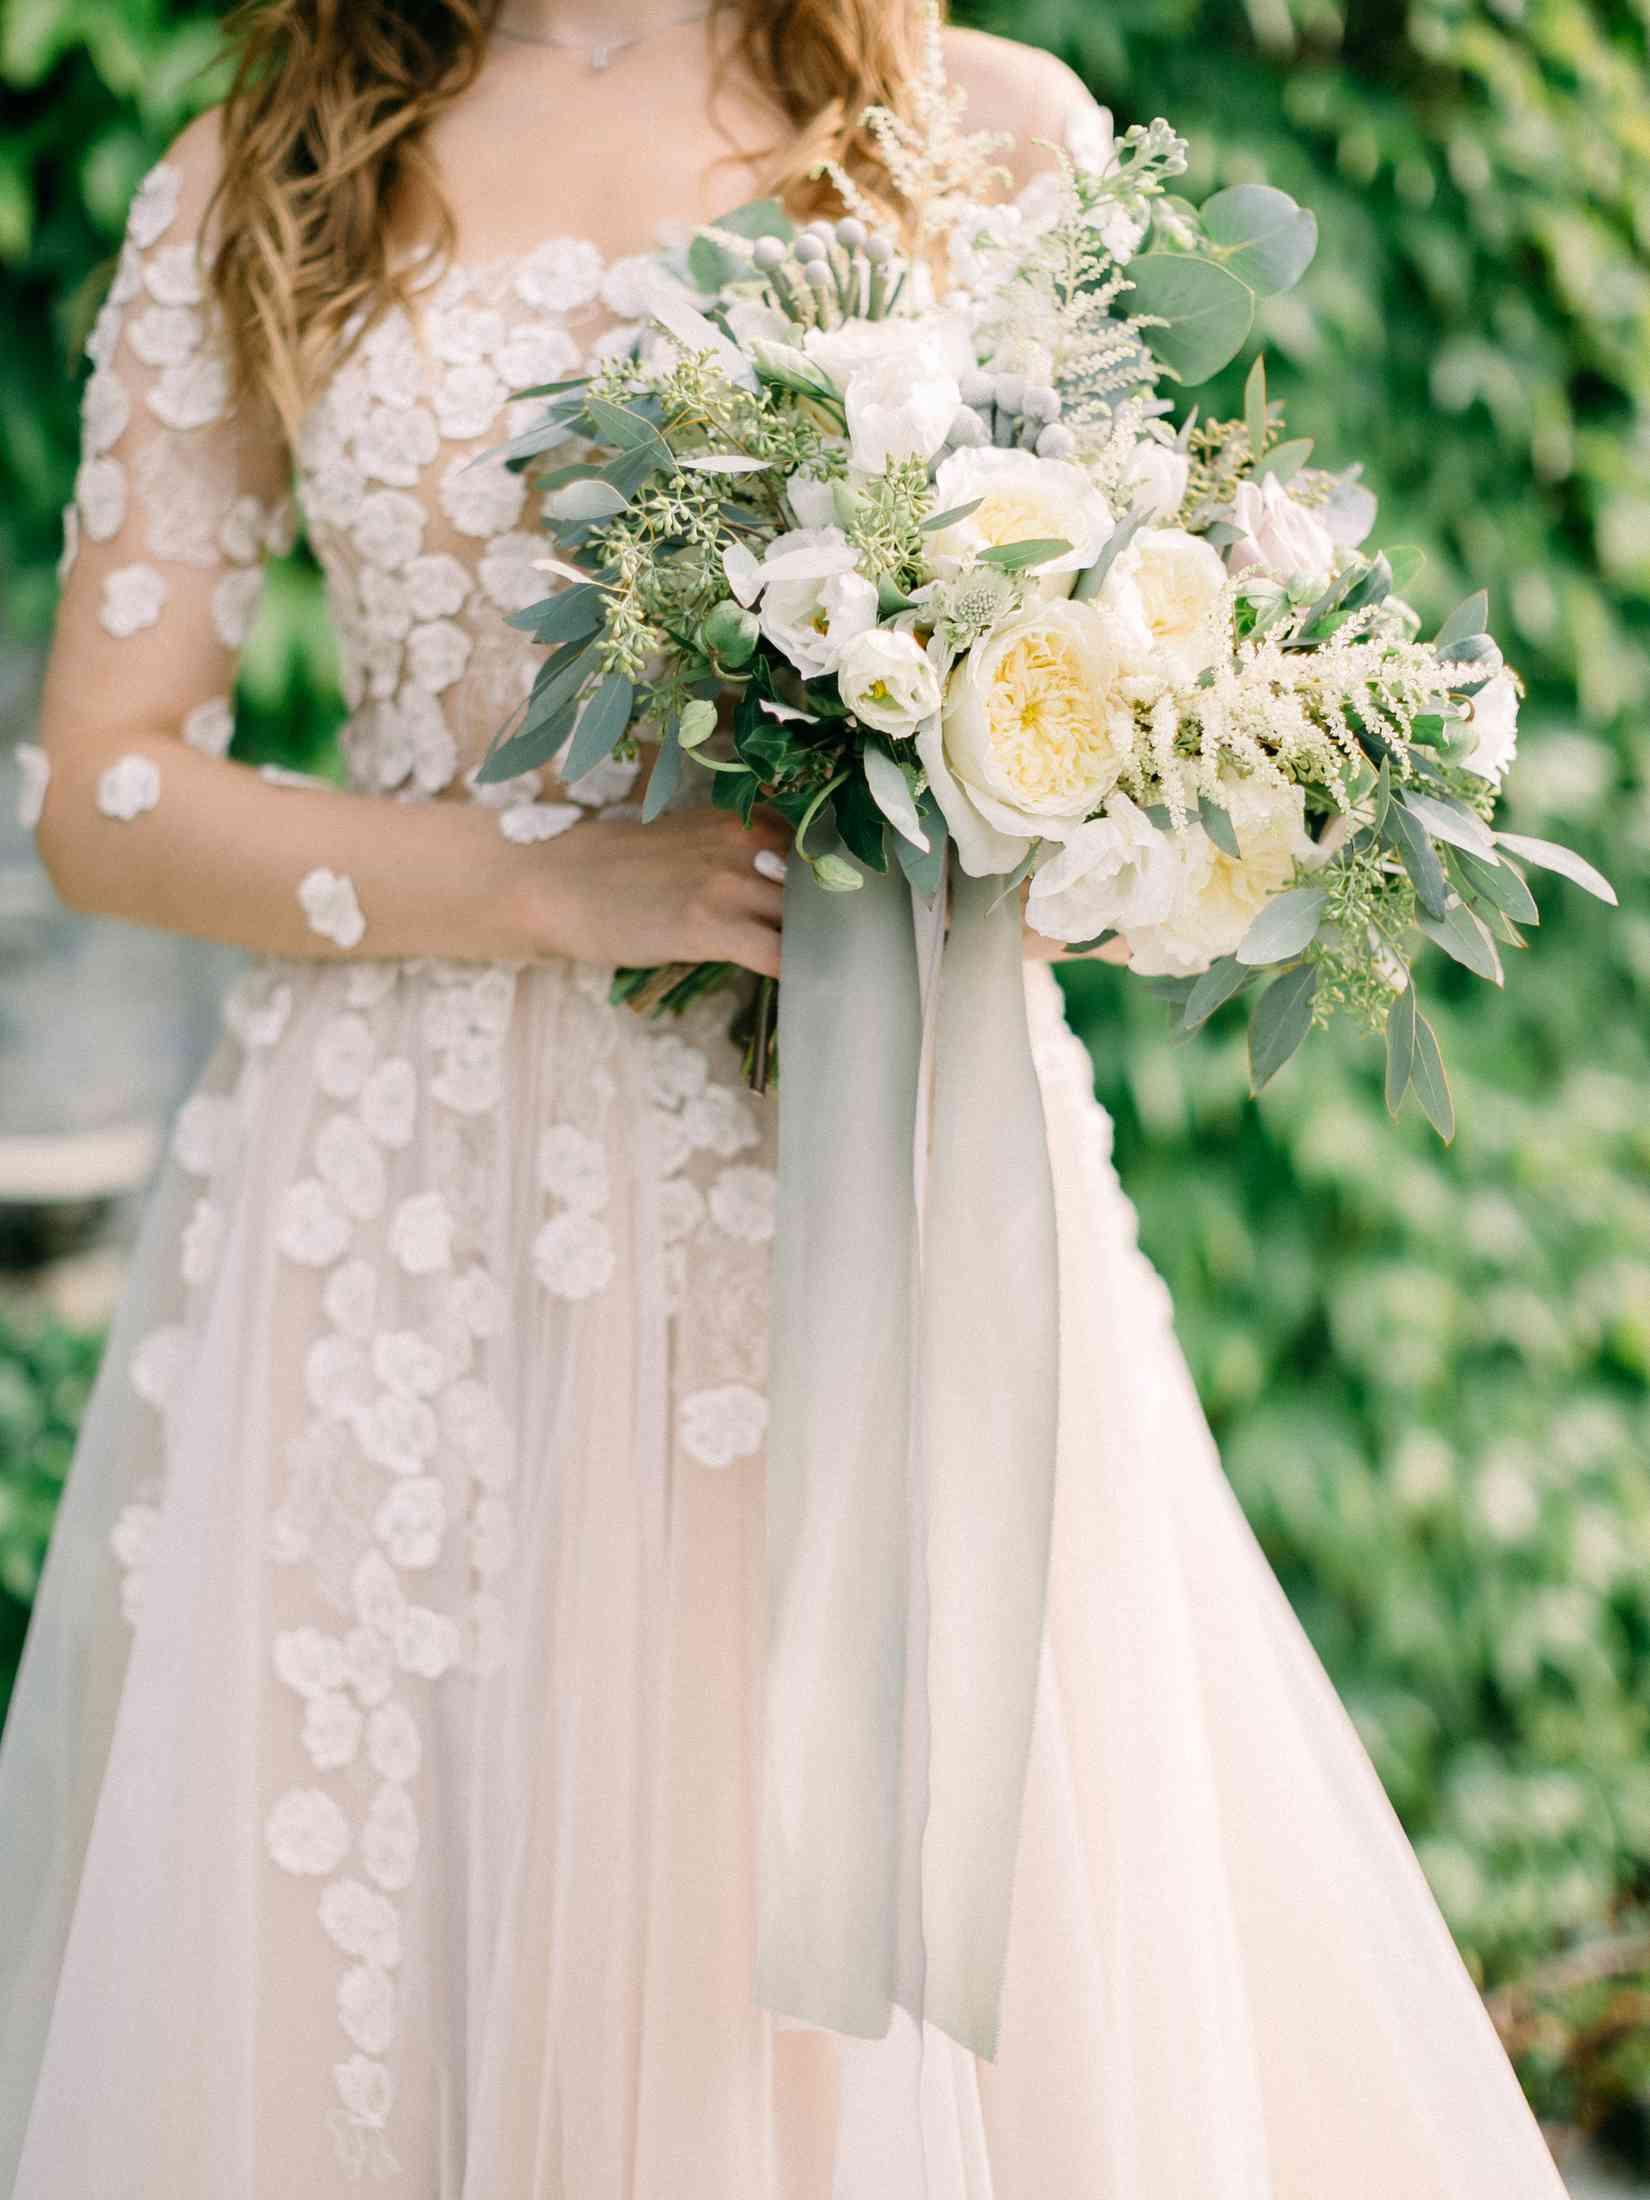 детали образа невесты, платье, букет